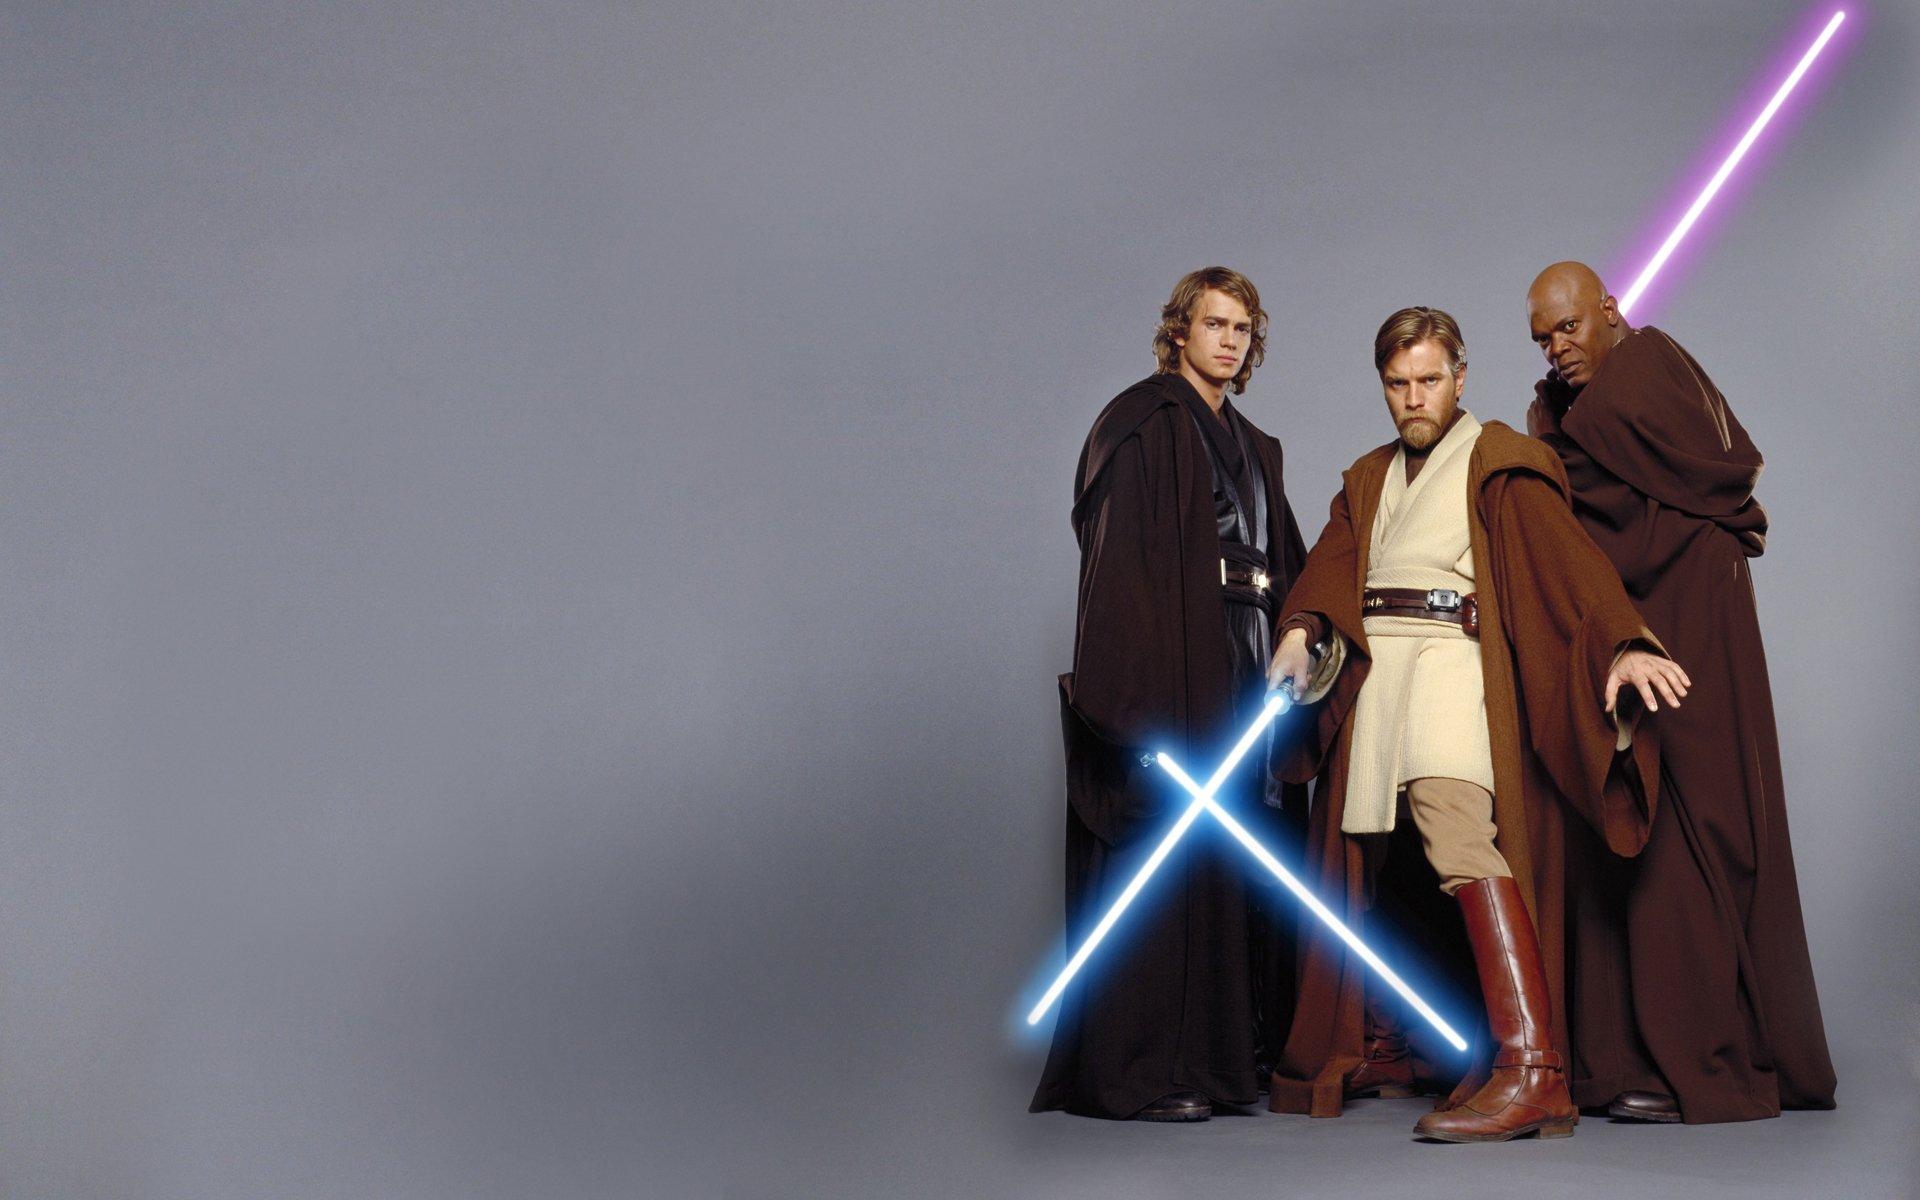 FunMozar Obi Wan Kenobi Wallpapers 1920x1200